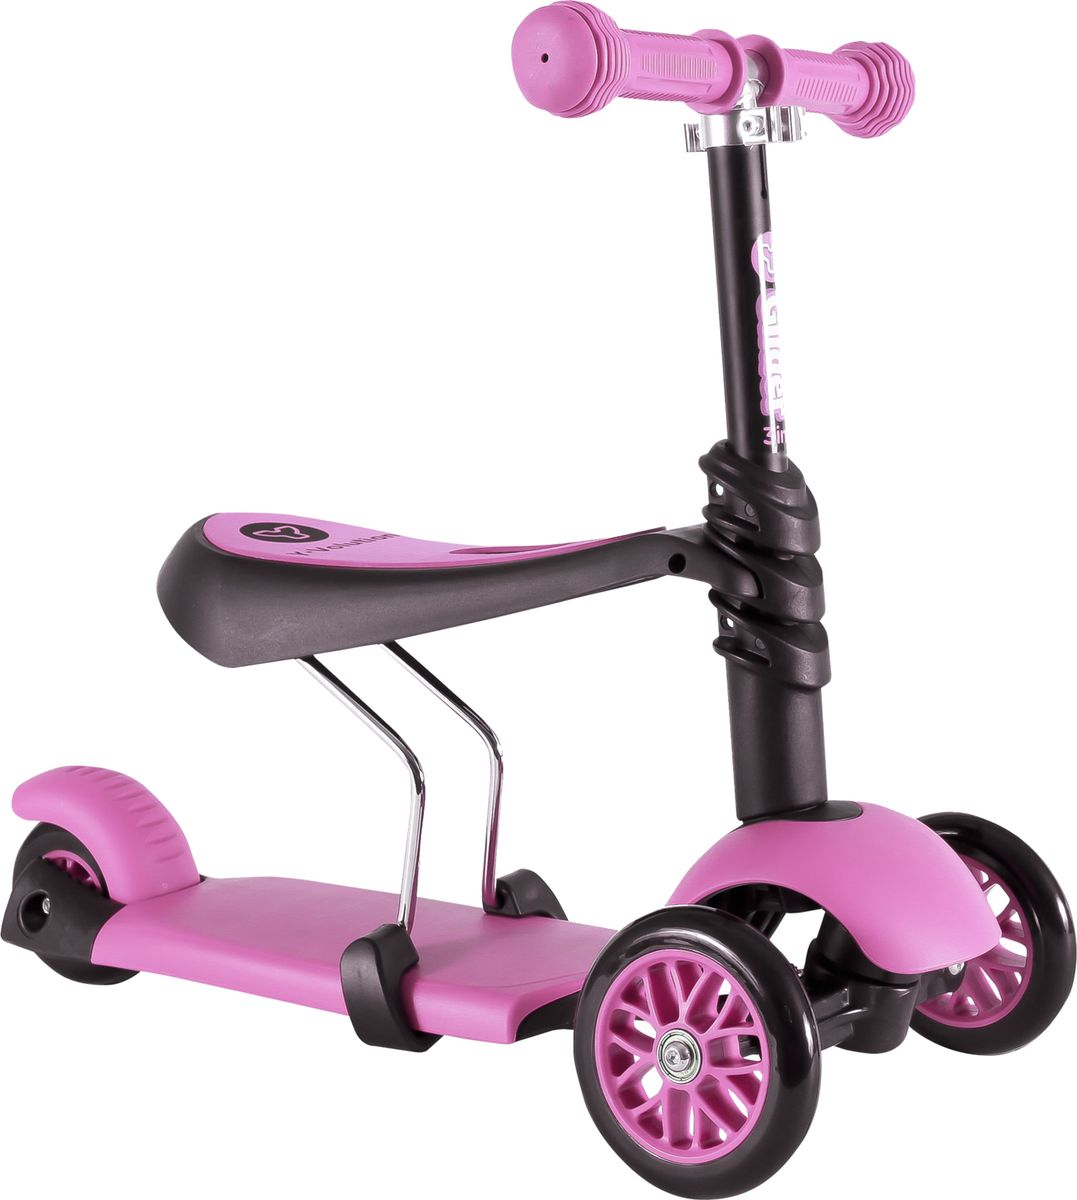 YVolution Самокат-беговел детский Glider 3 в 1 цвет розовый